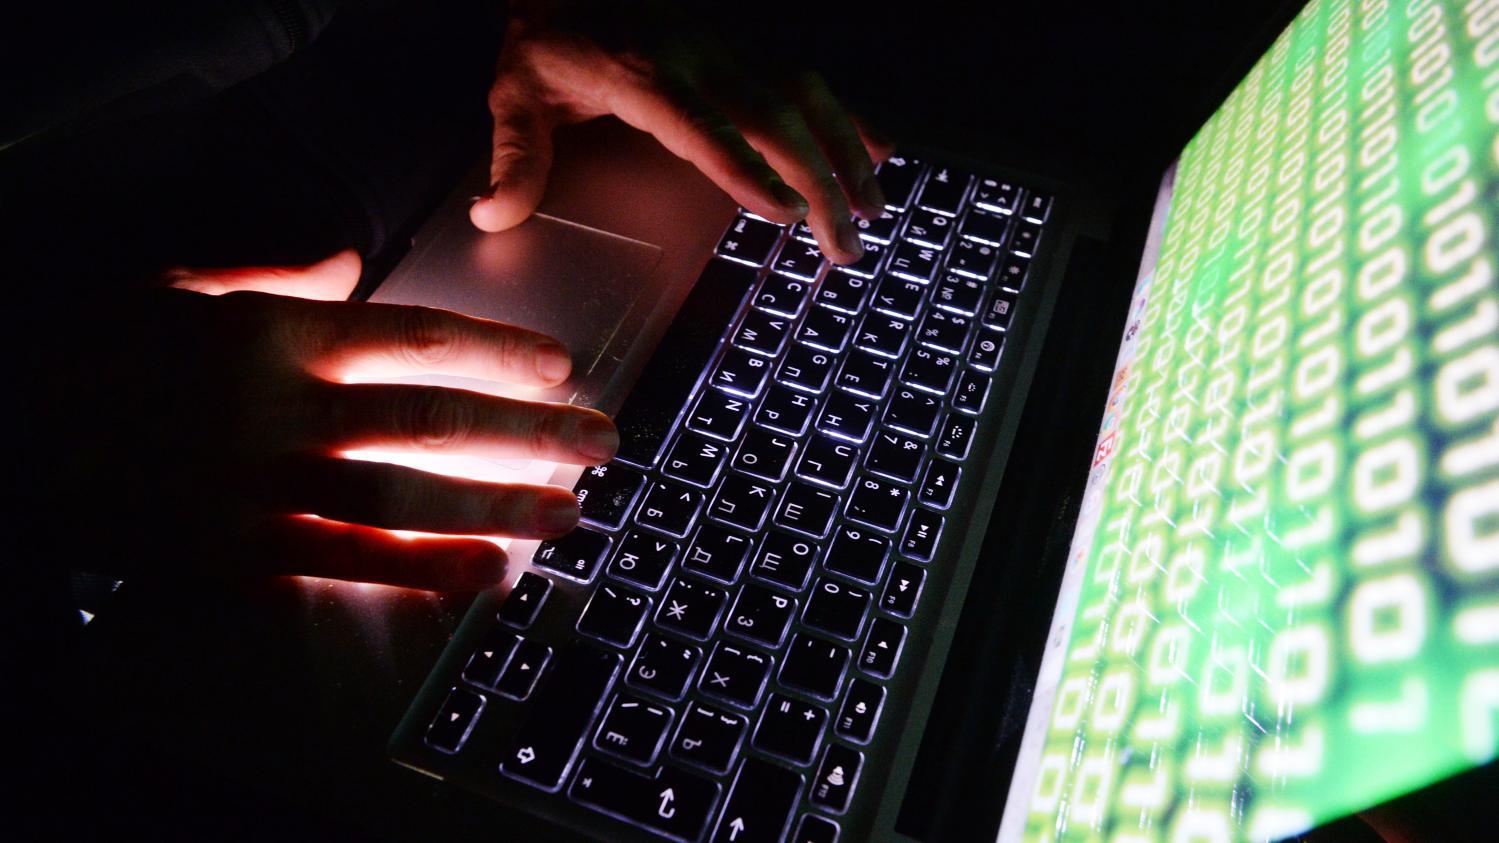 Internet : des hackers revendent nos données médicales - Franceinfo